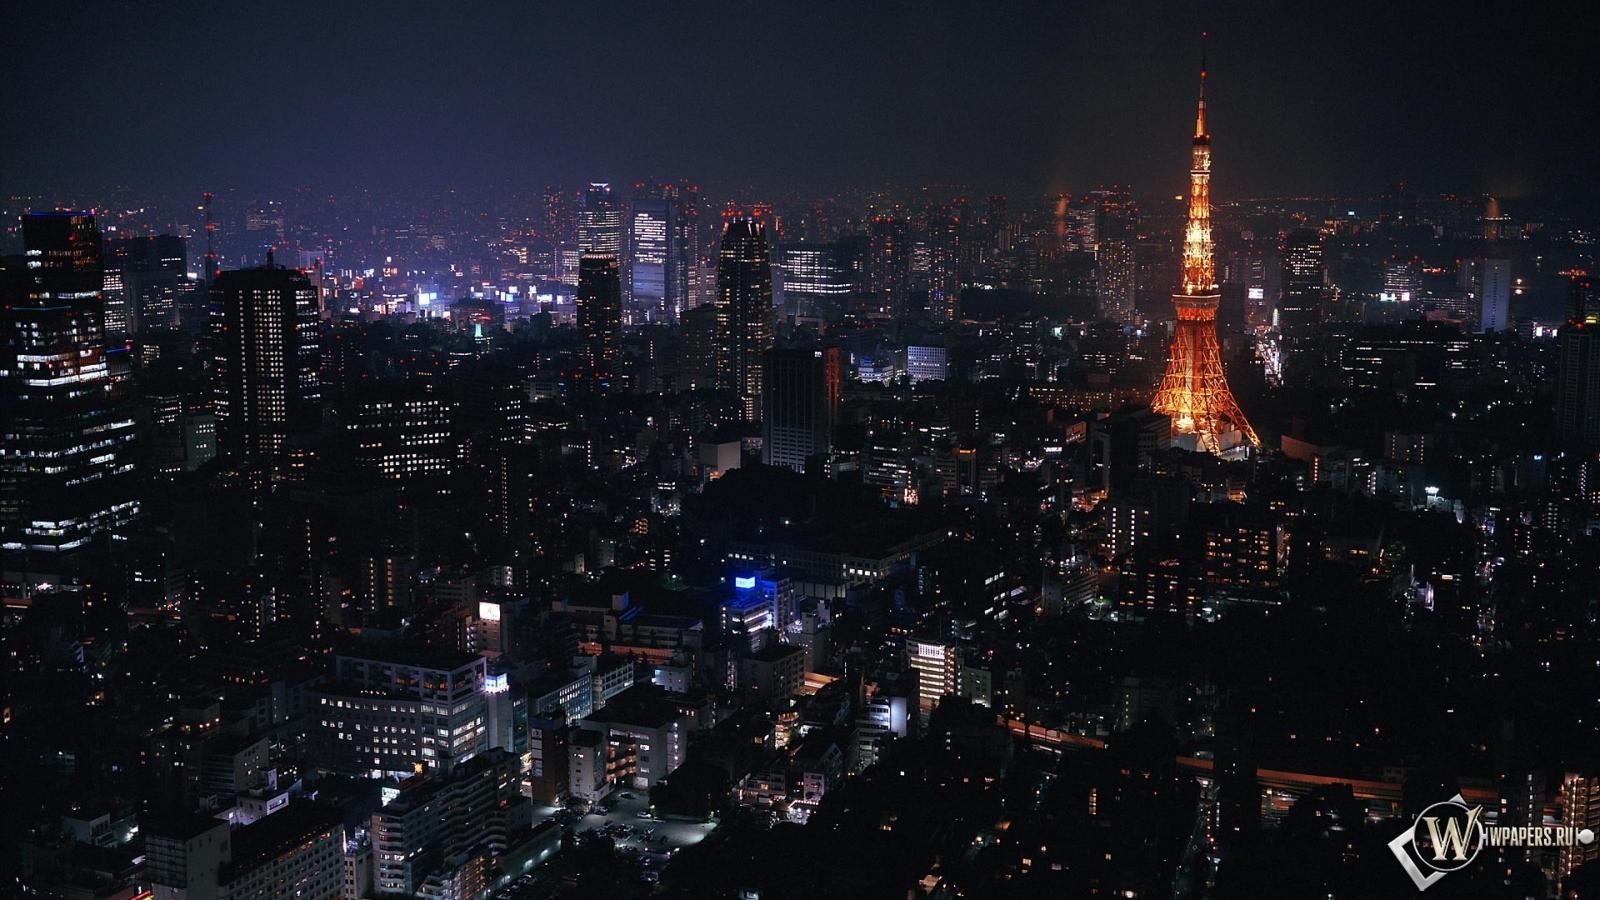 Токио ночью 1600x900